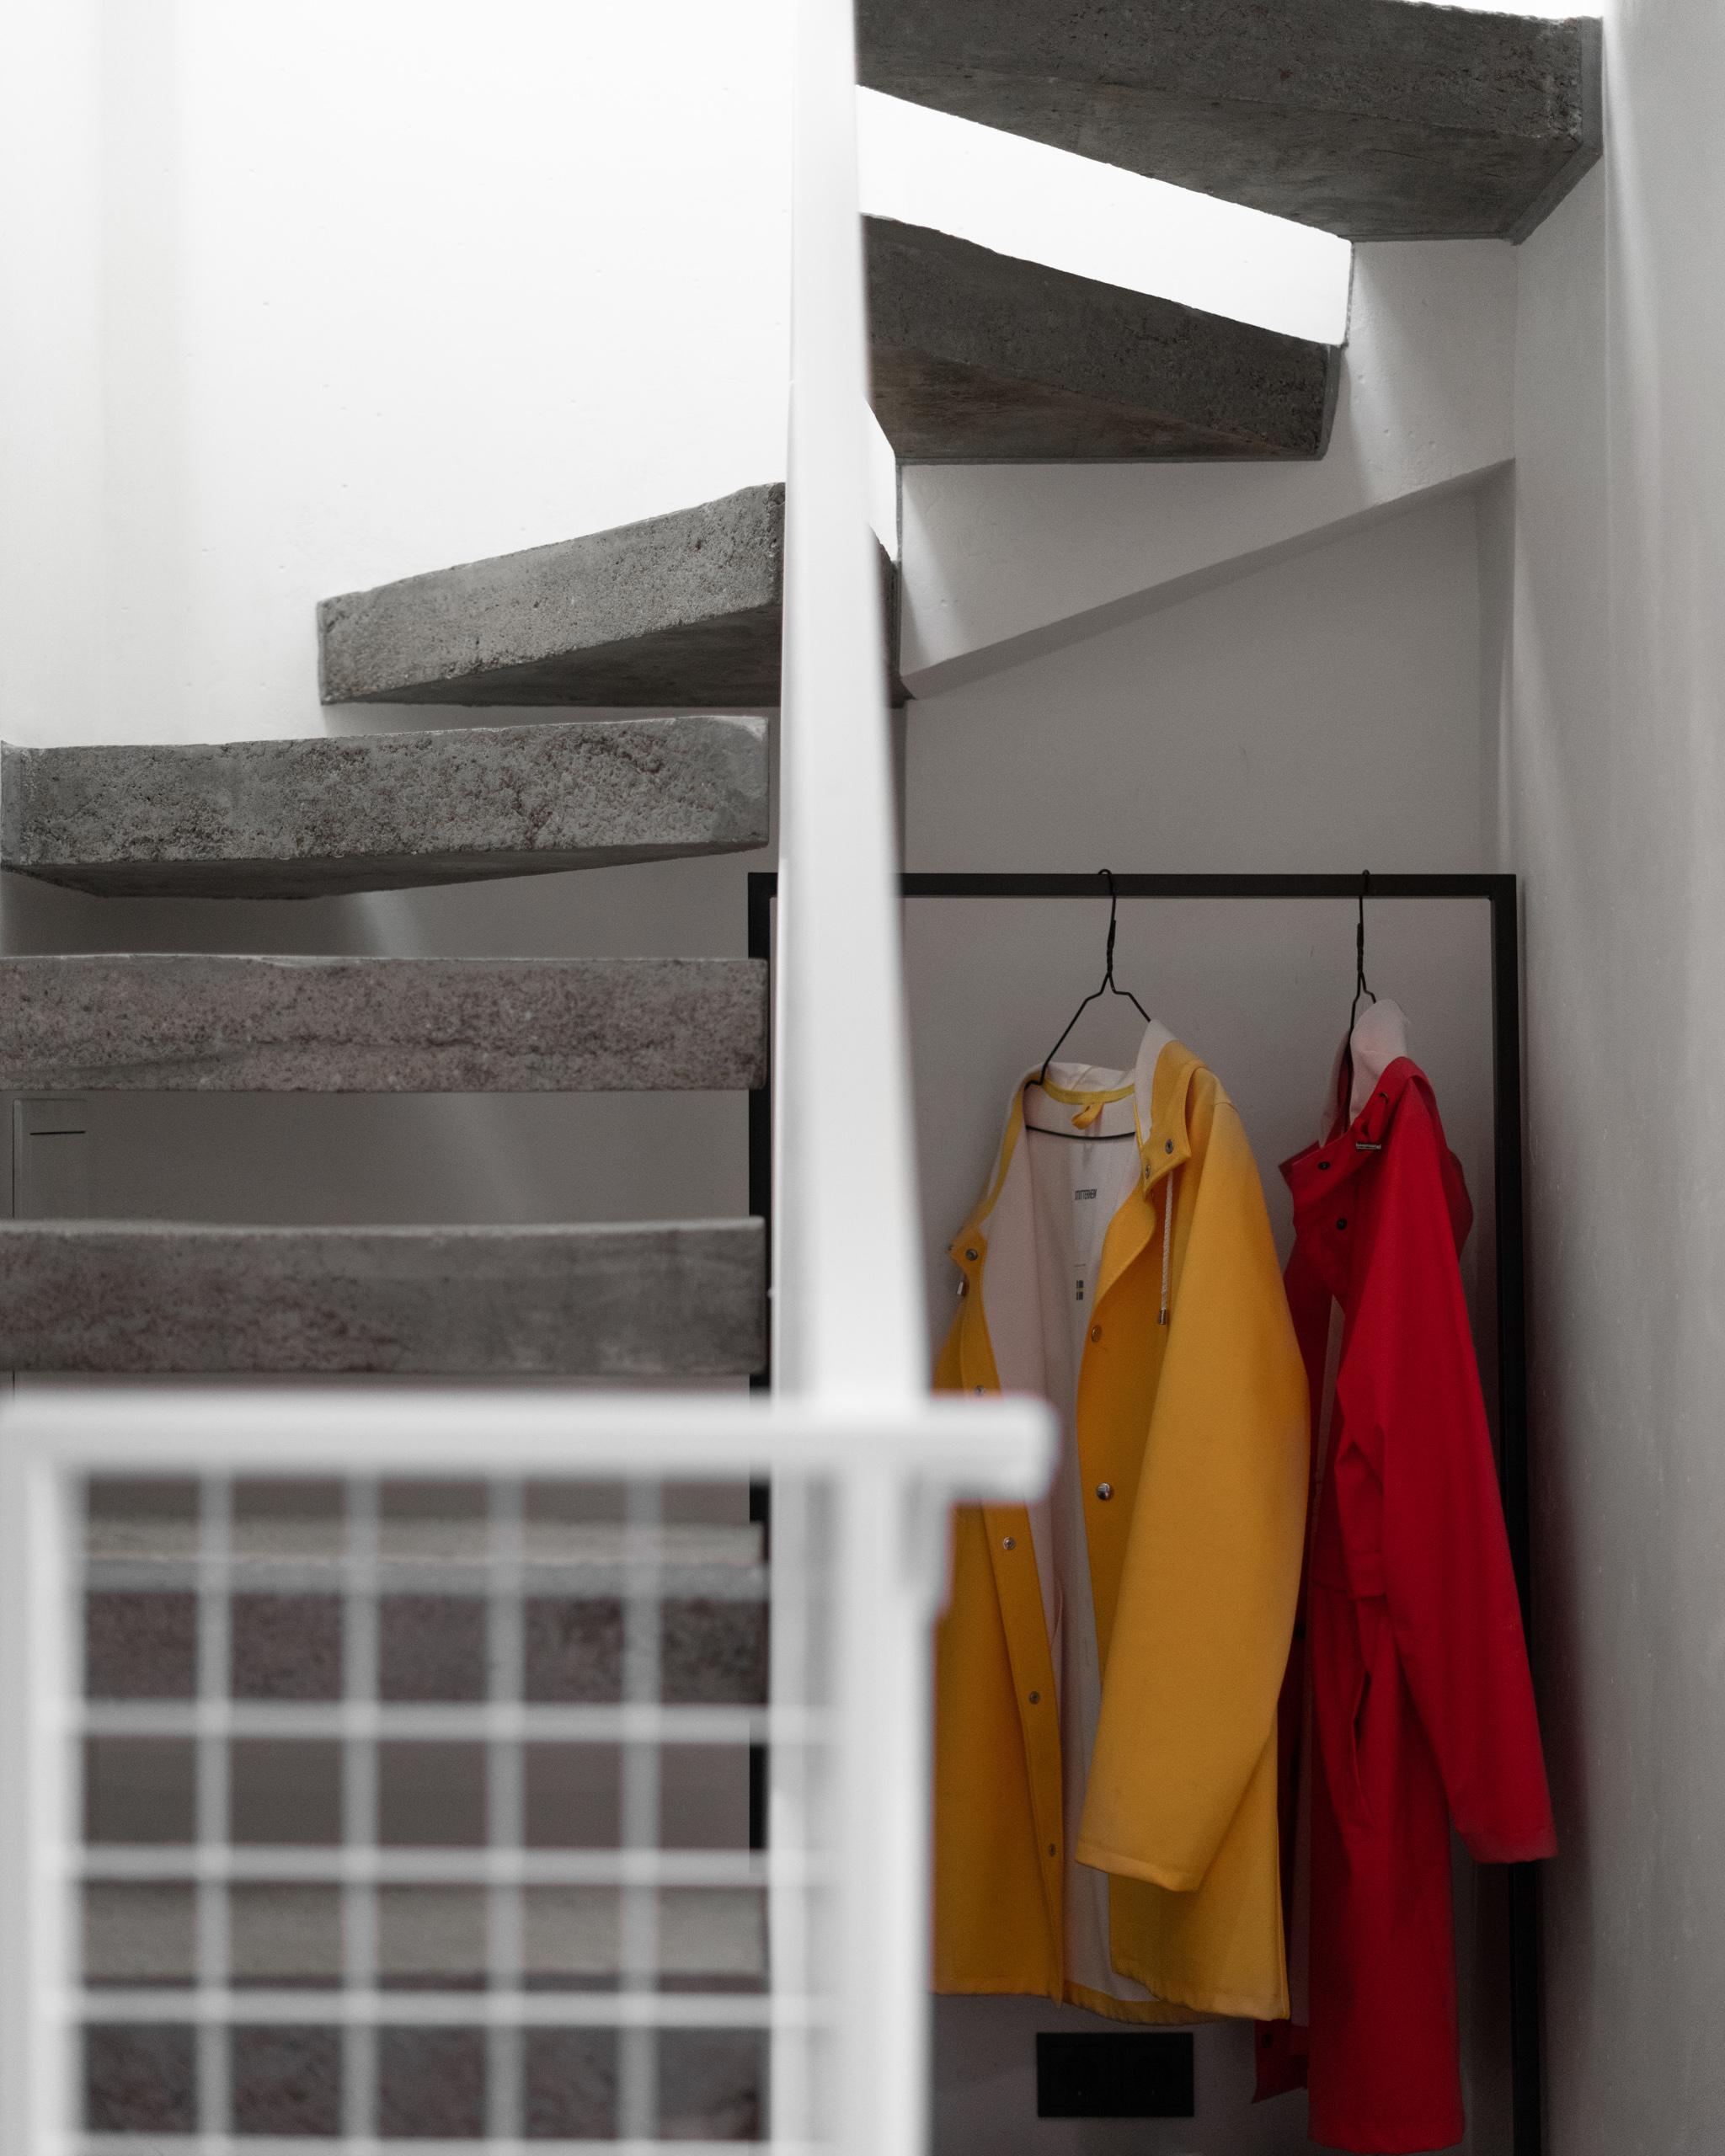 Фотосъемка интерьера лестницы крупным планом